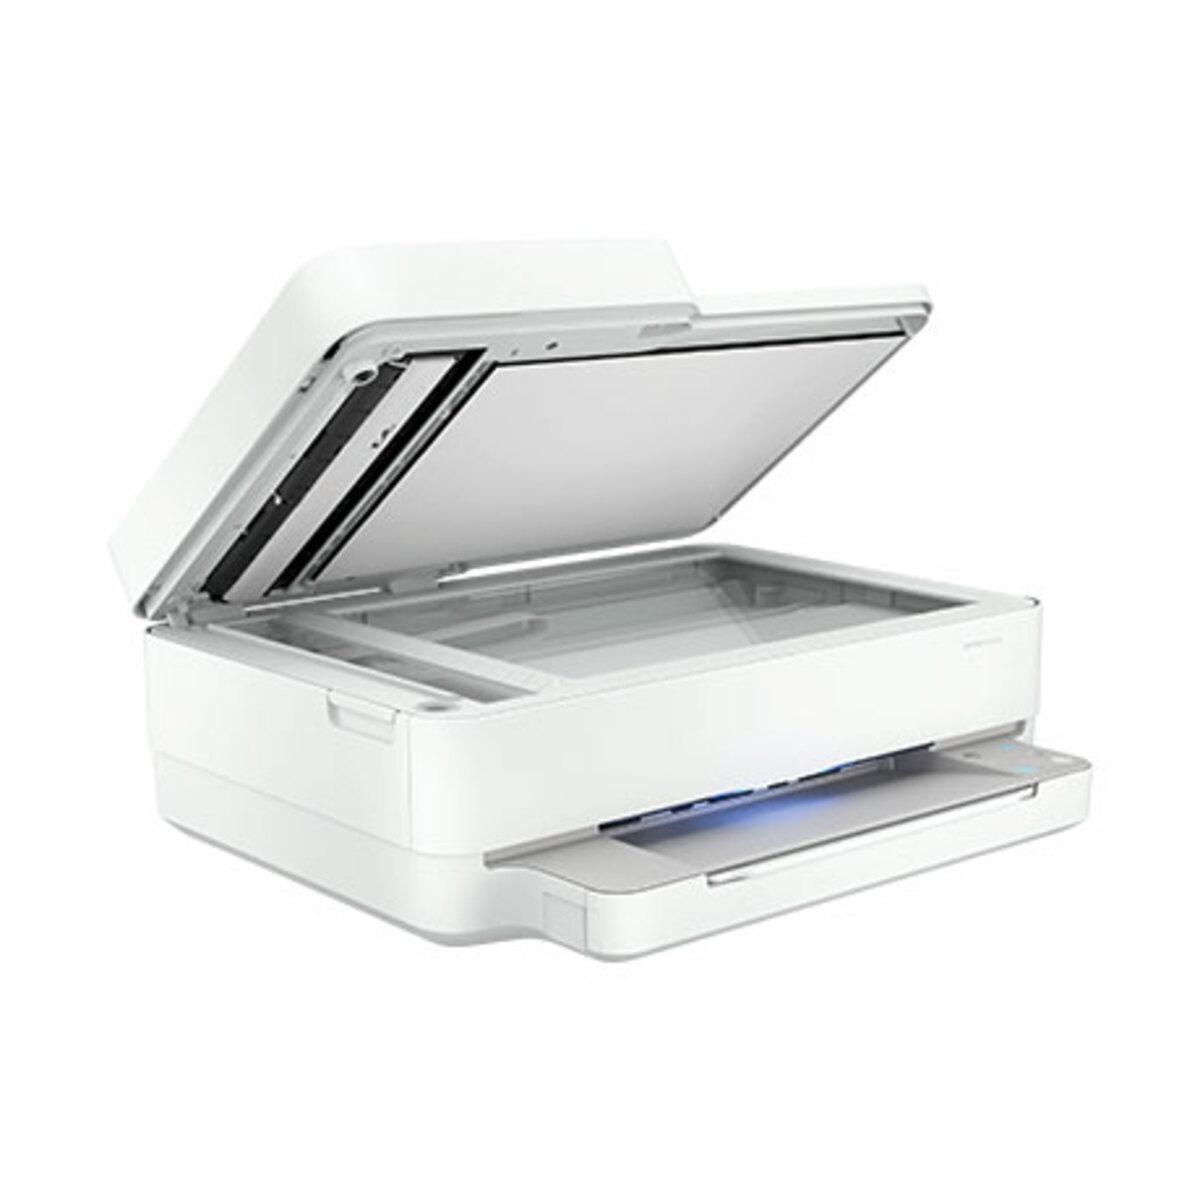 Bild 5 von HP ENVY 6430e All-in-One-Drucker